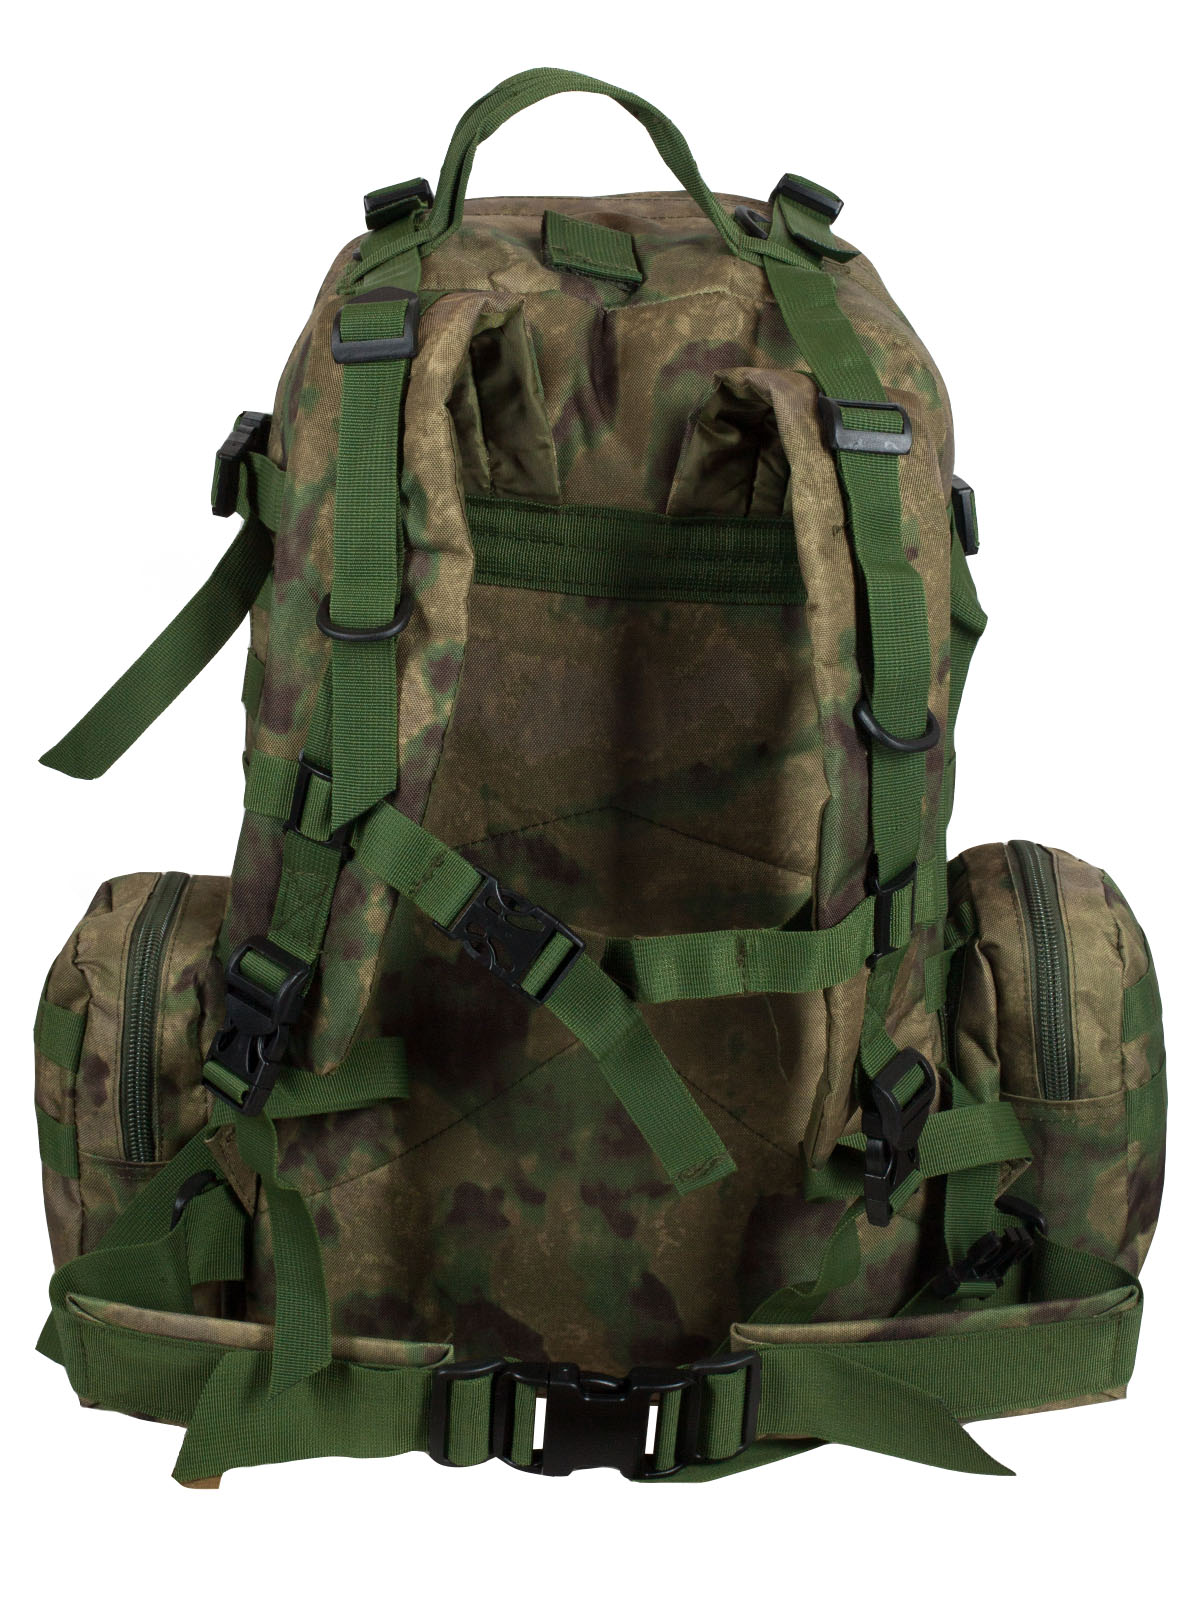 Большой тактический военный рюкзак для полевых условий по оптимальной цене